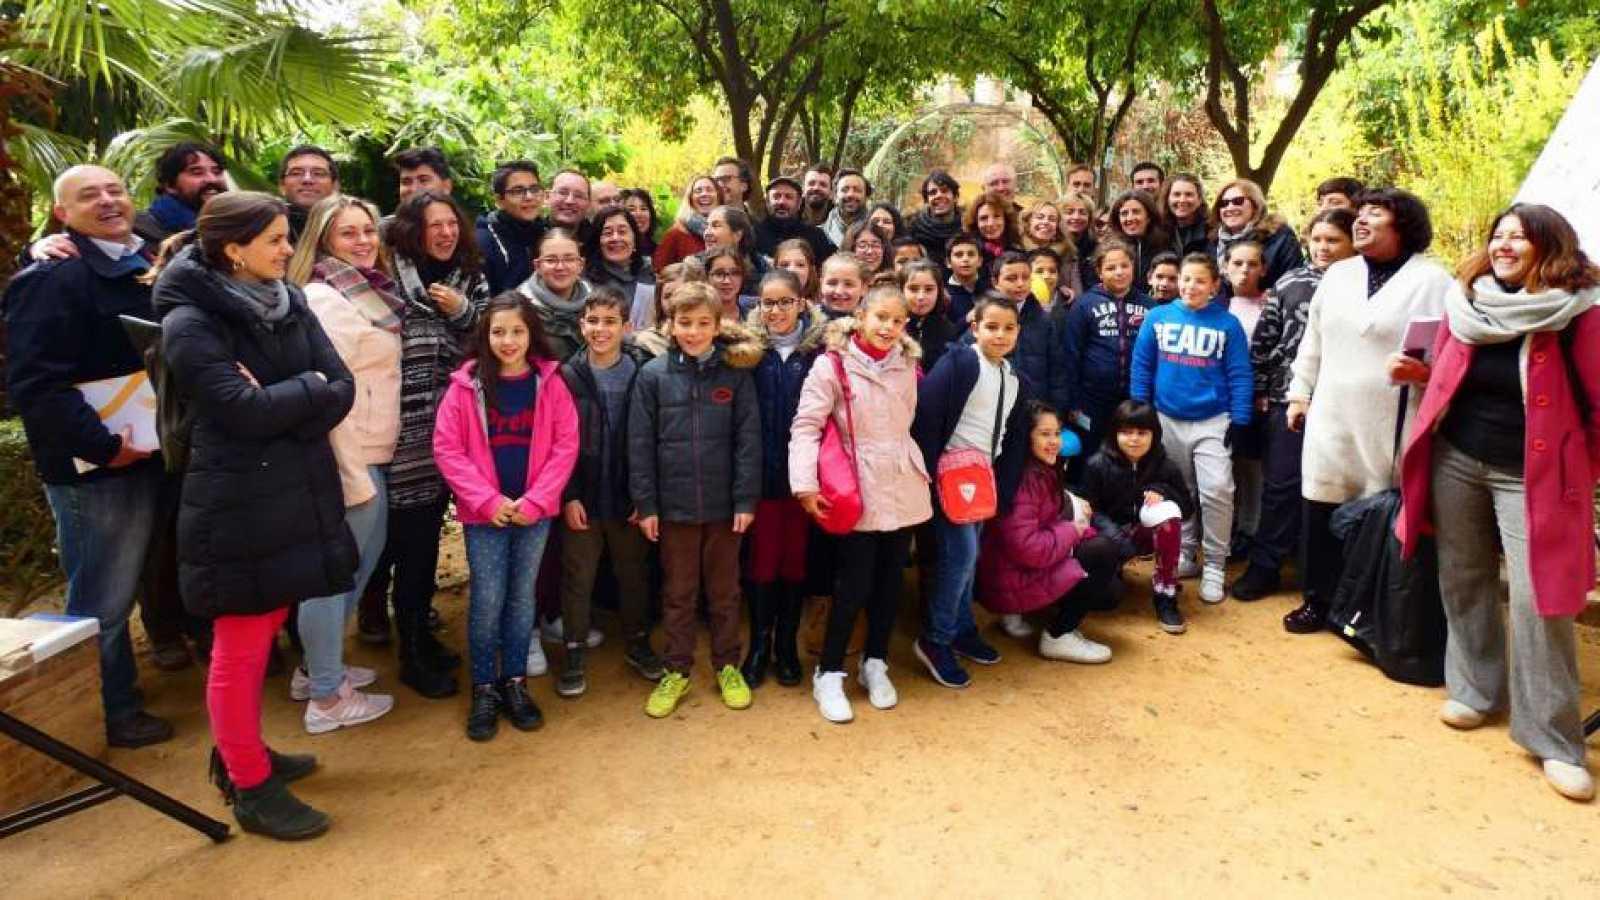 Artesfera - 'Luces de barrio' reinterpreta la Navidad en Sevilla - 29/12/17 - escuchar ahora